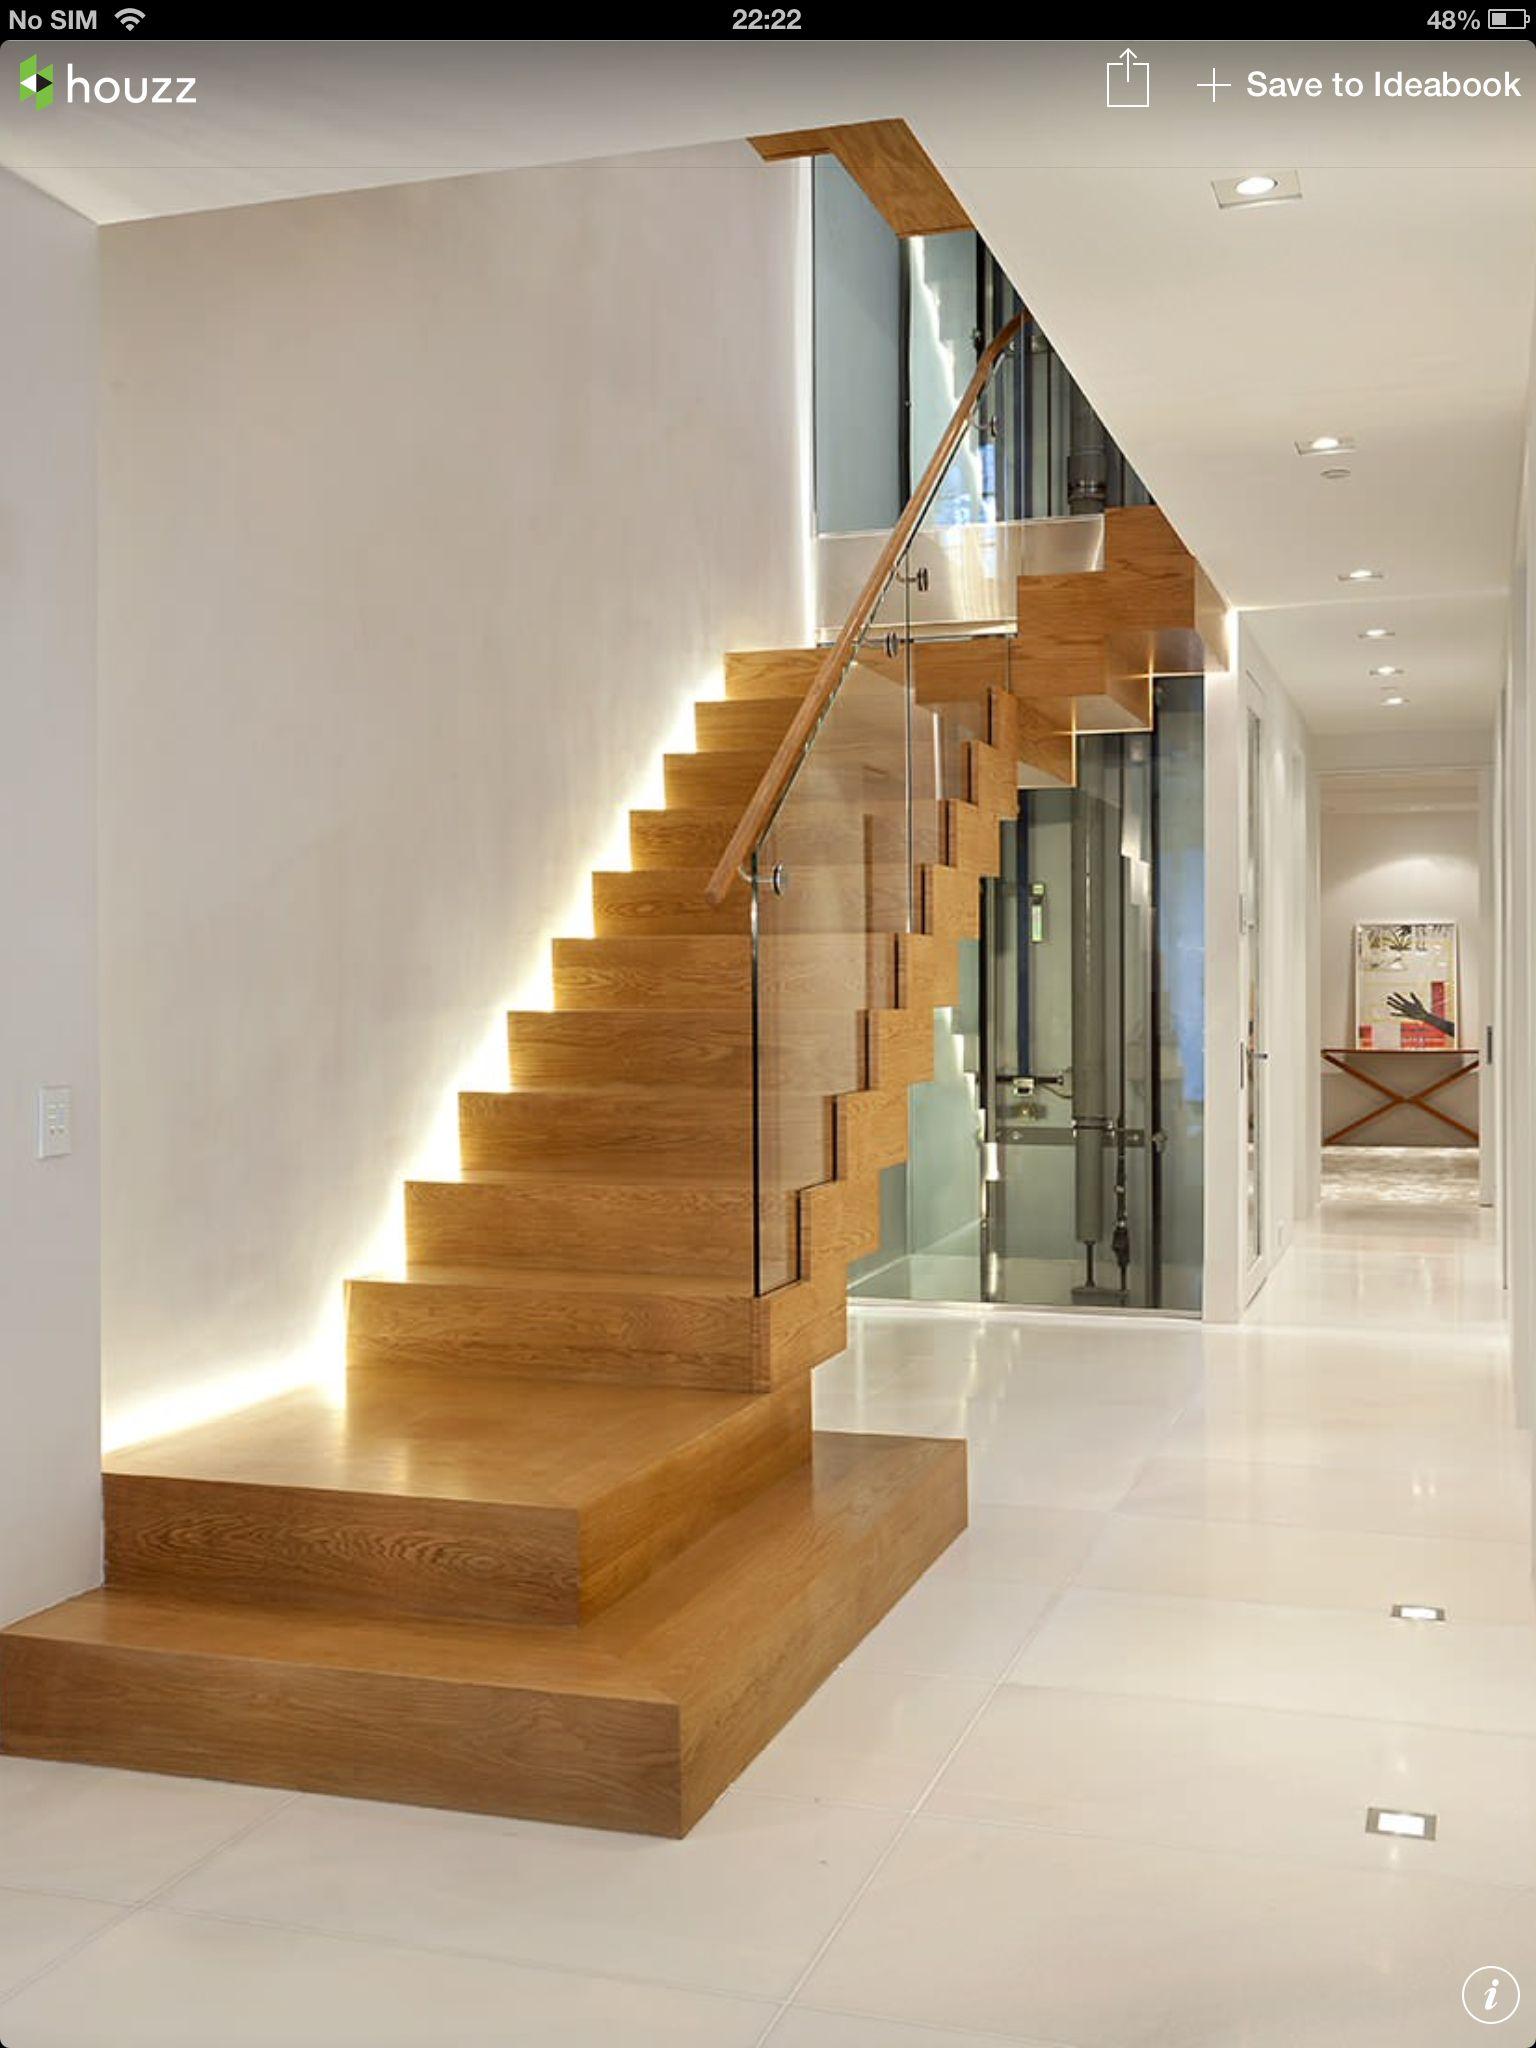 Pin de gaby oliveira em projetos escaleras escaleras de madera e escaleras interiores - Escaleras de madera modernas ...